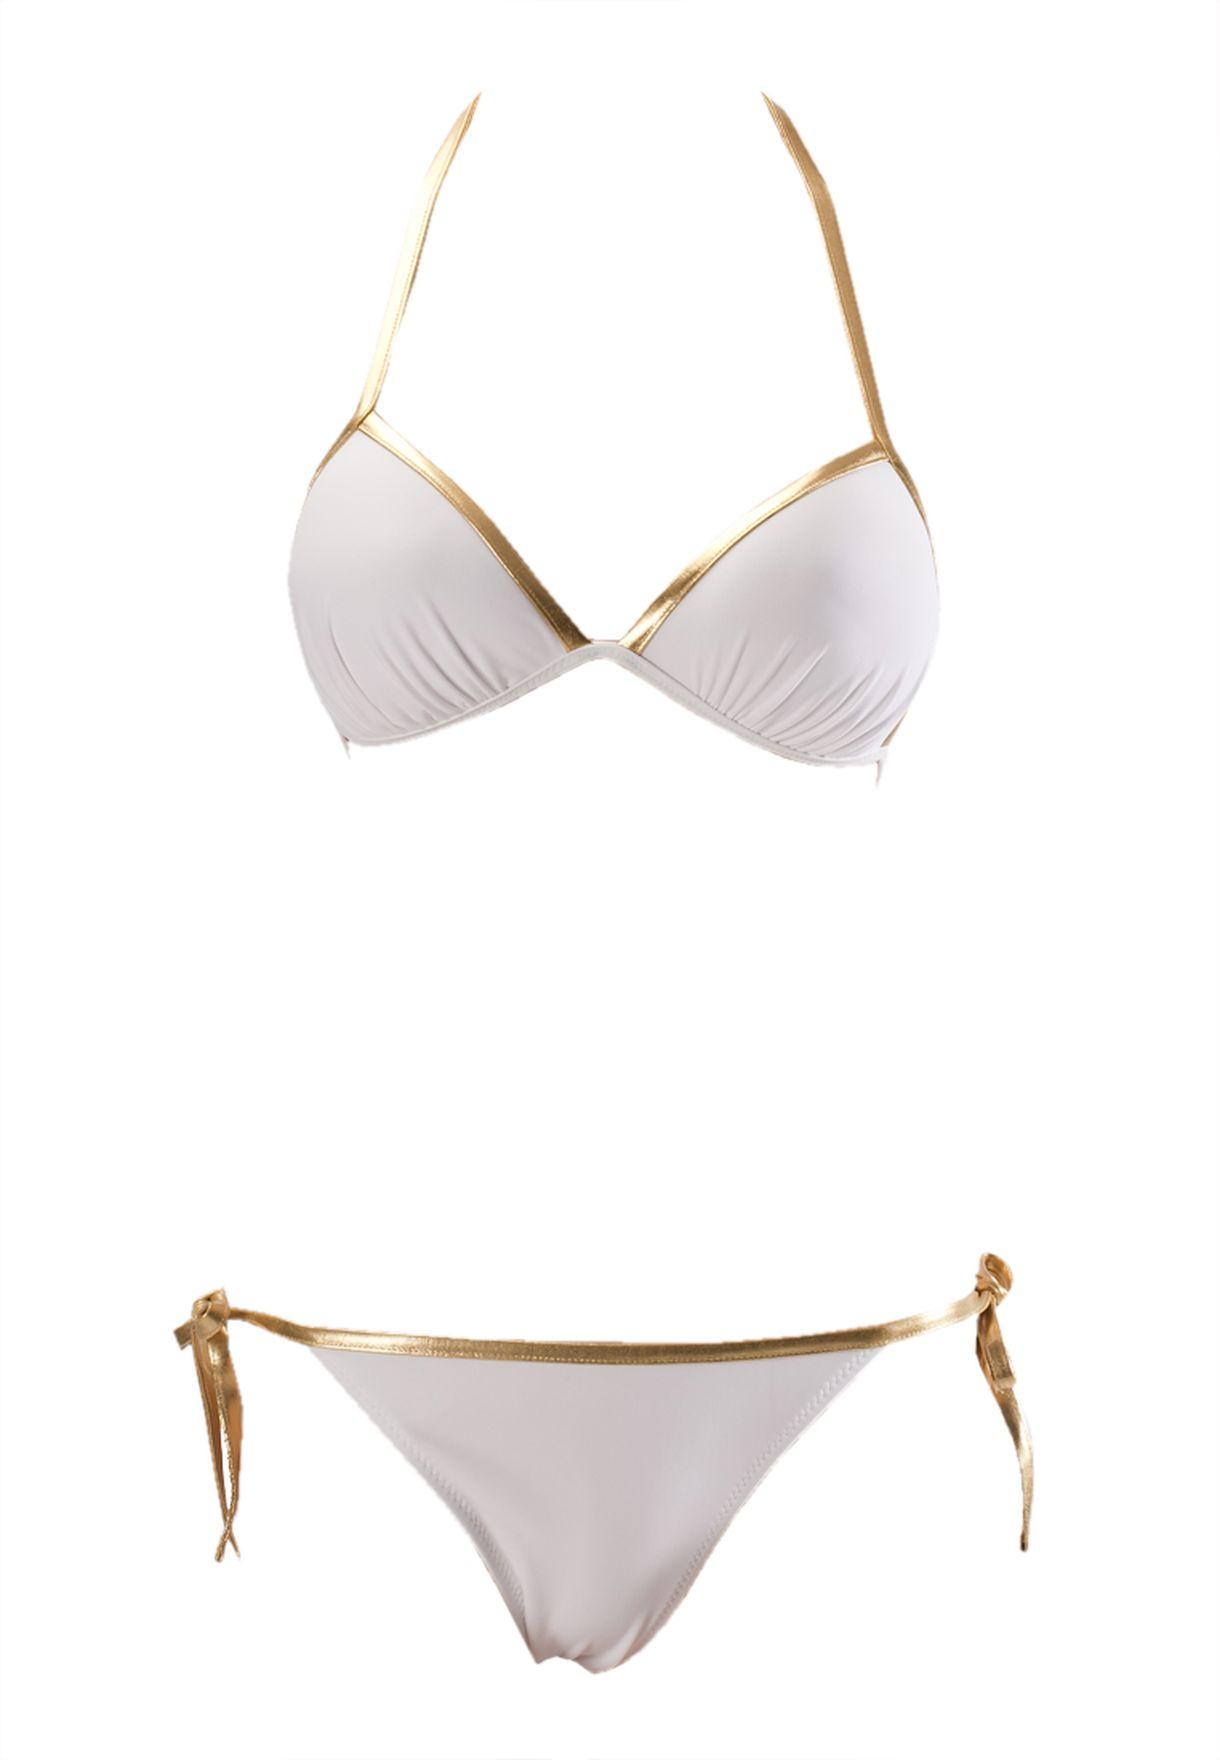 begrenzter Stil extrem einzigartig neuesten Stil von 2019 Cleopatra Bikini